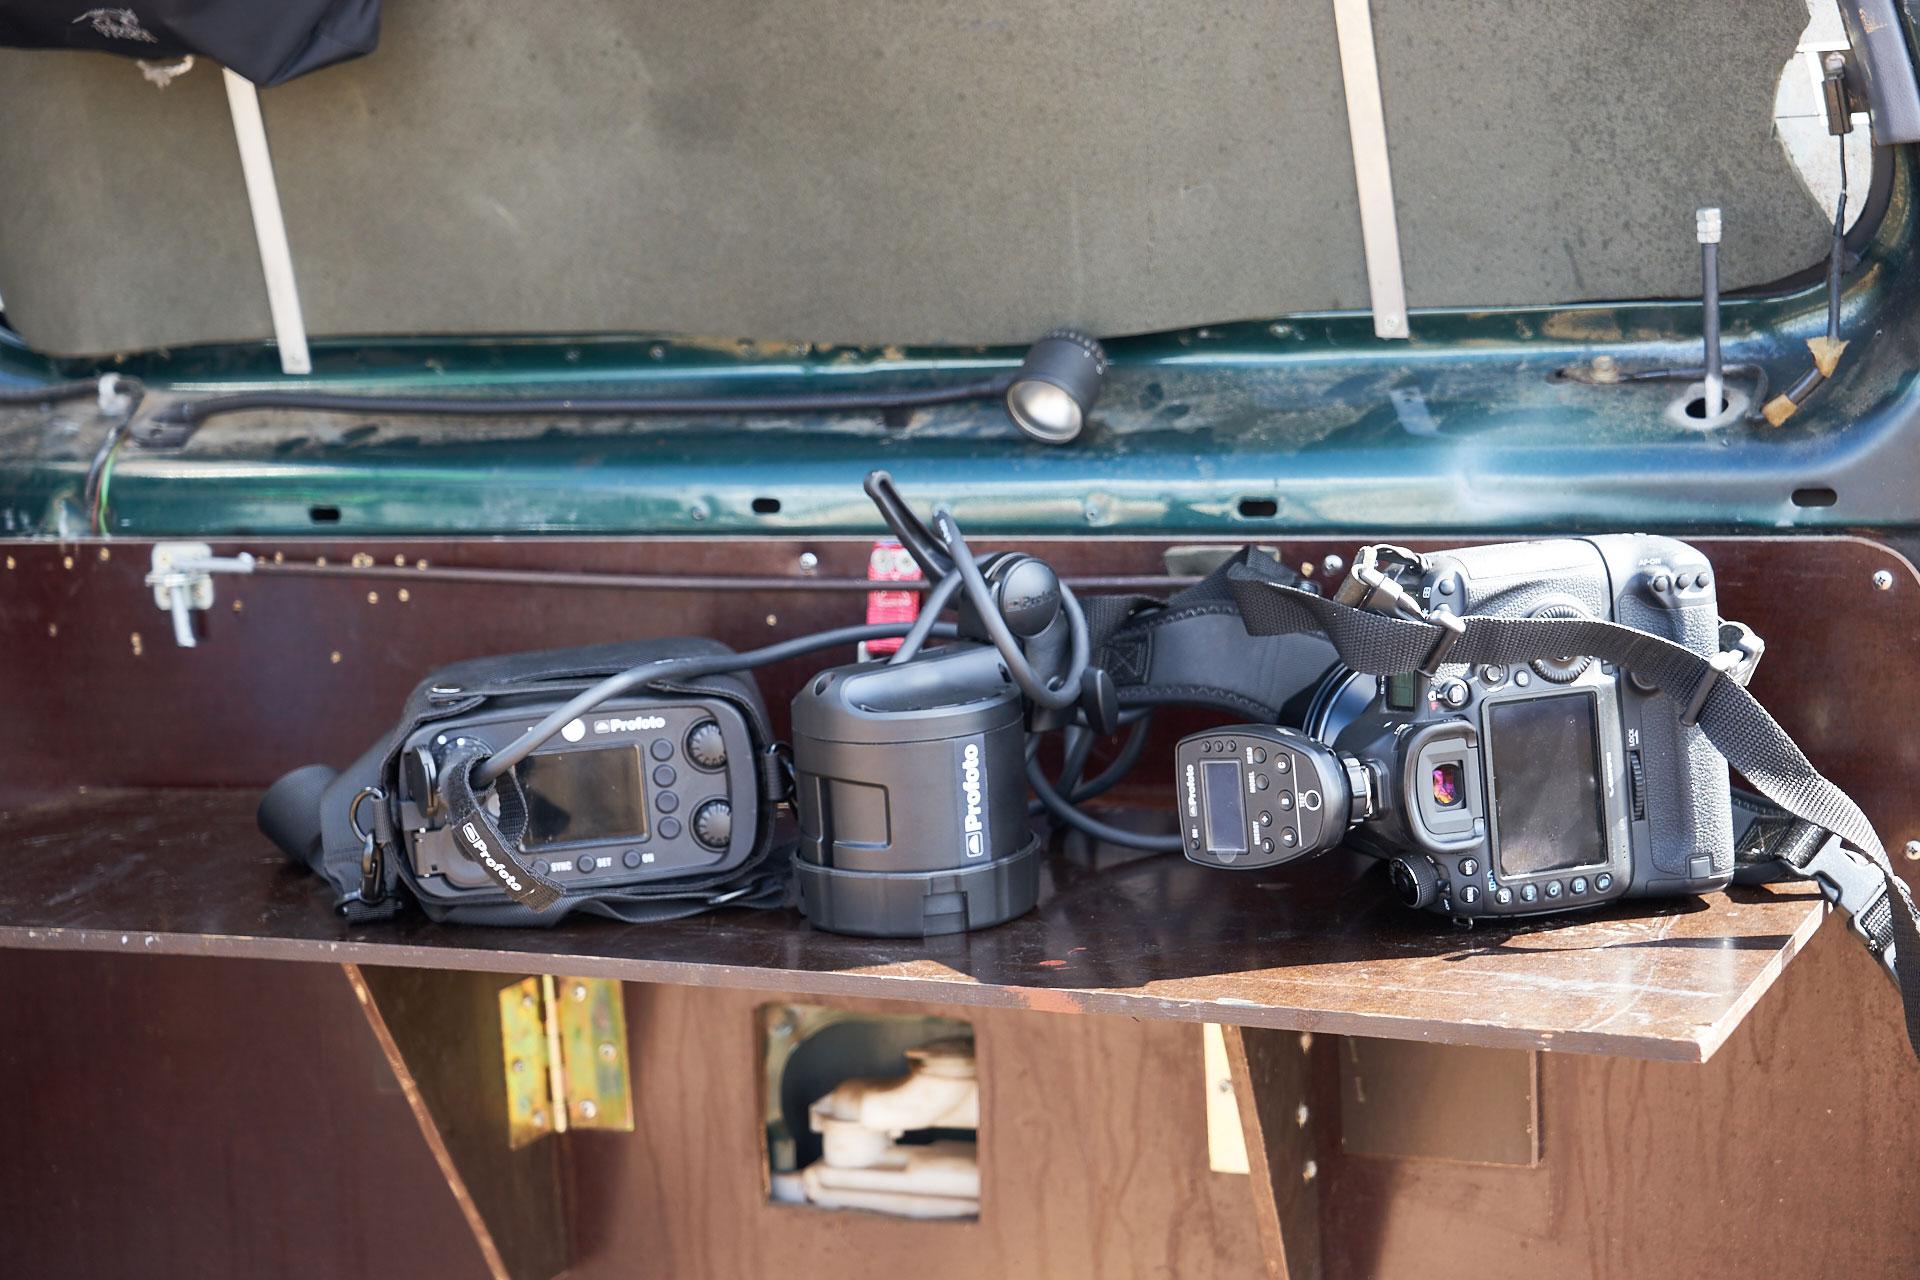 Fotoequipment